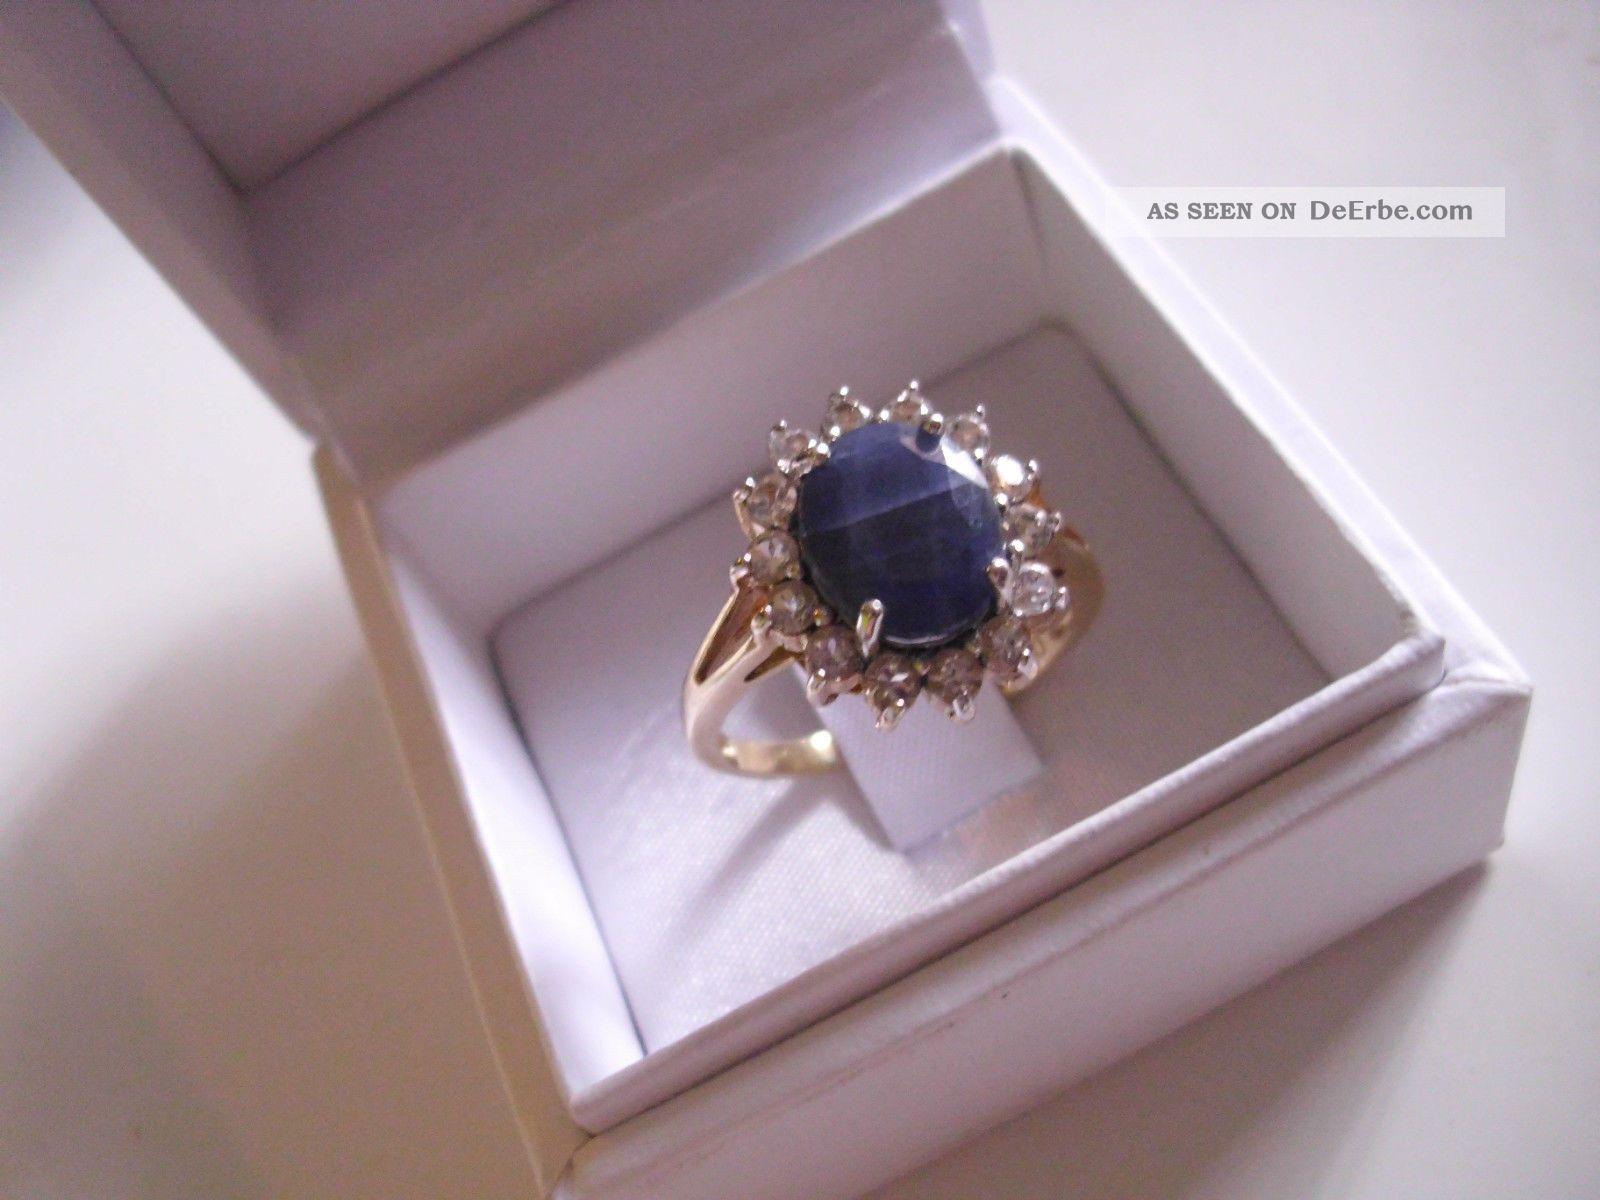 ... - Ring - Silber Verg. Cubiczirkonen U. Blauem Stein Ringe Bild 1